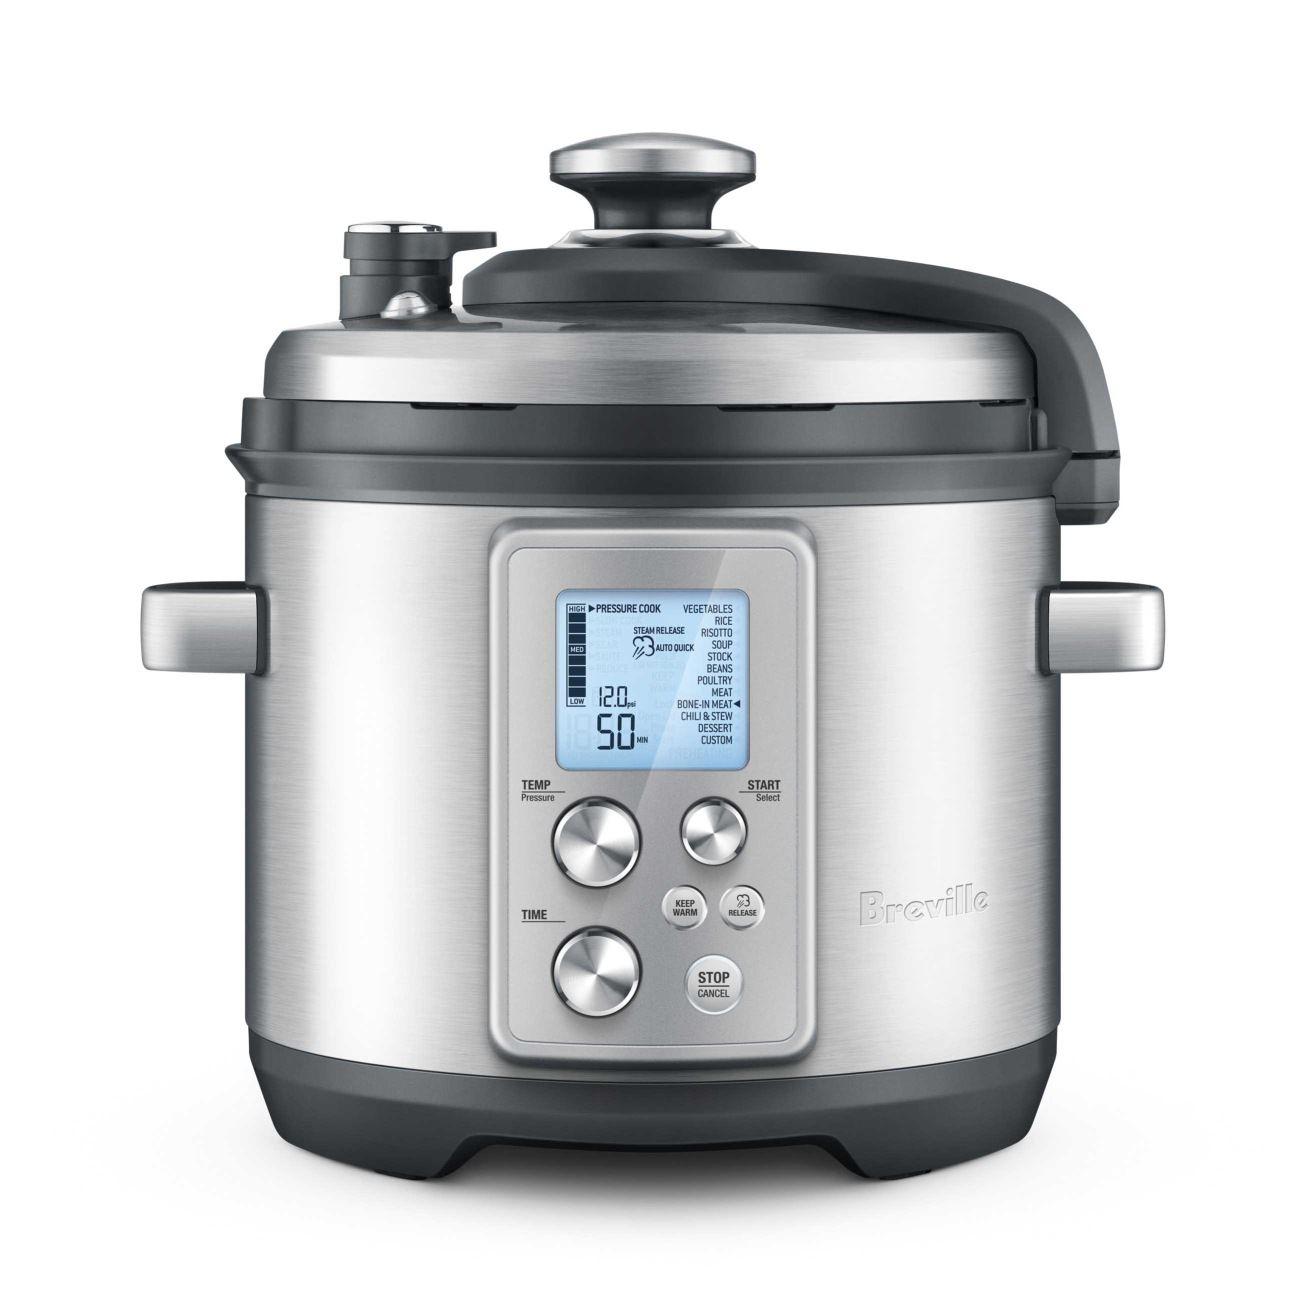 Breville Fast Slow Pro Pressure Cooker